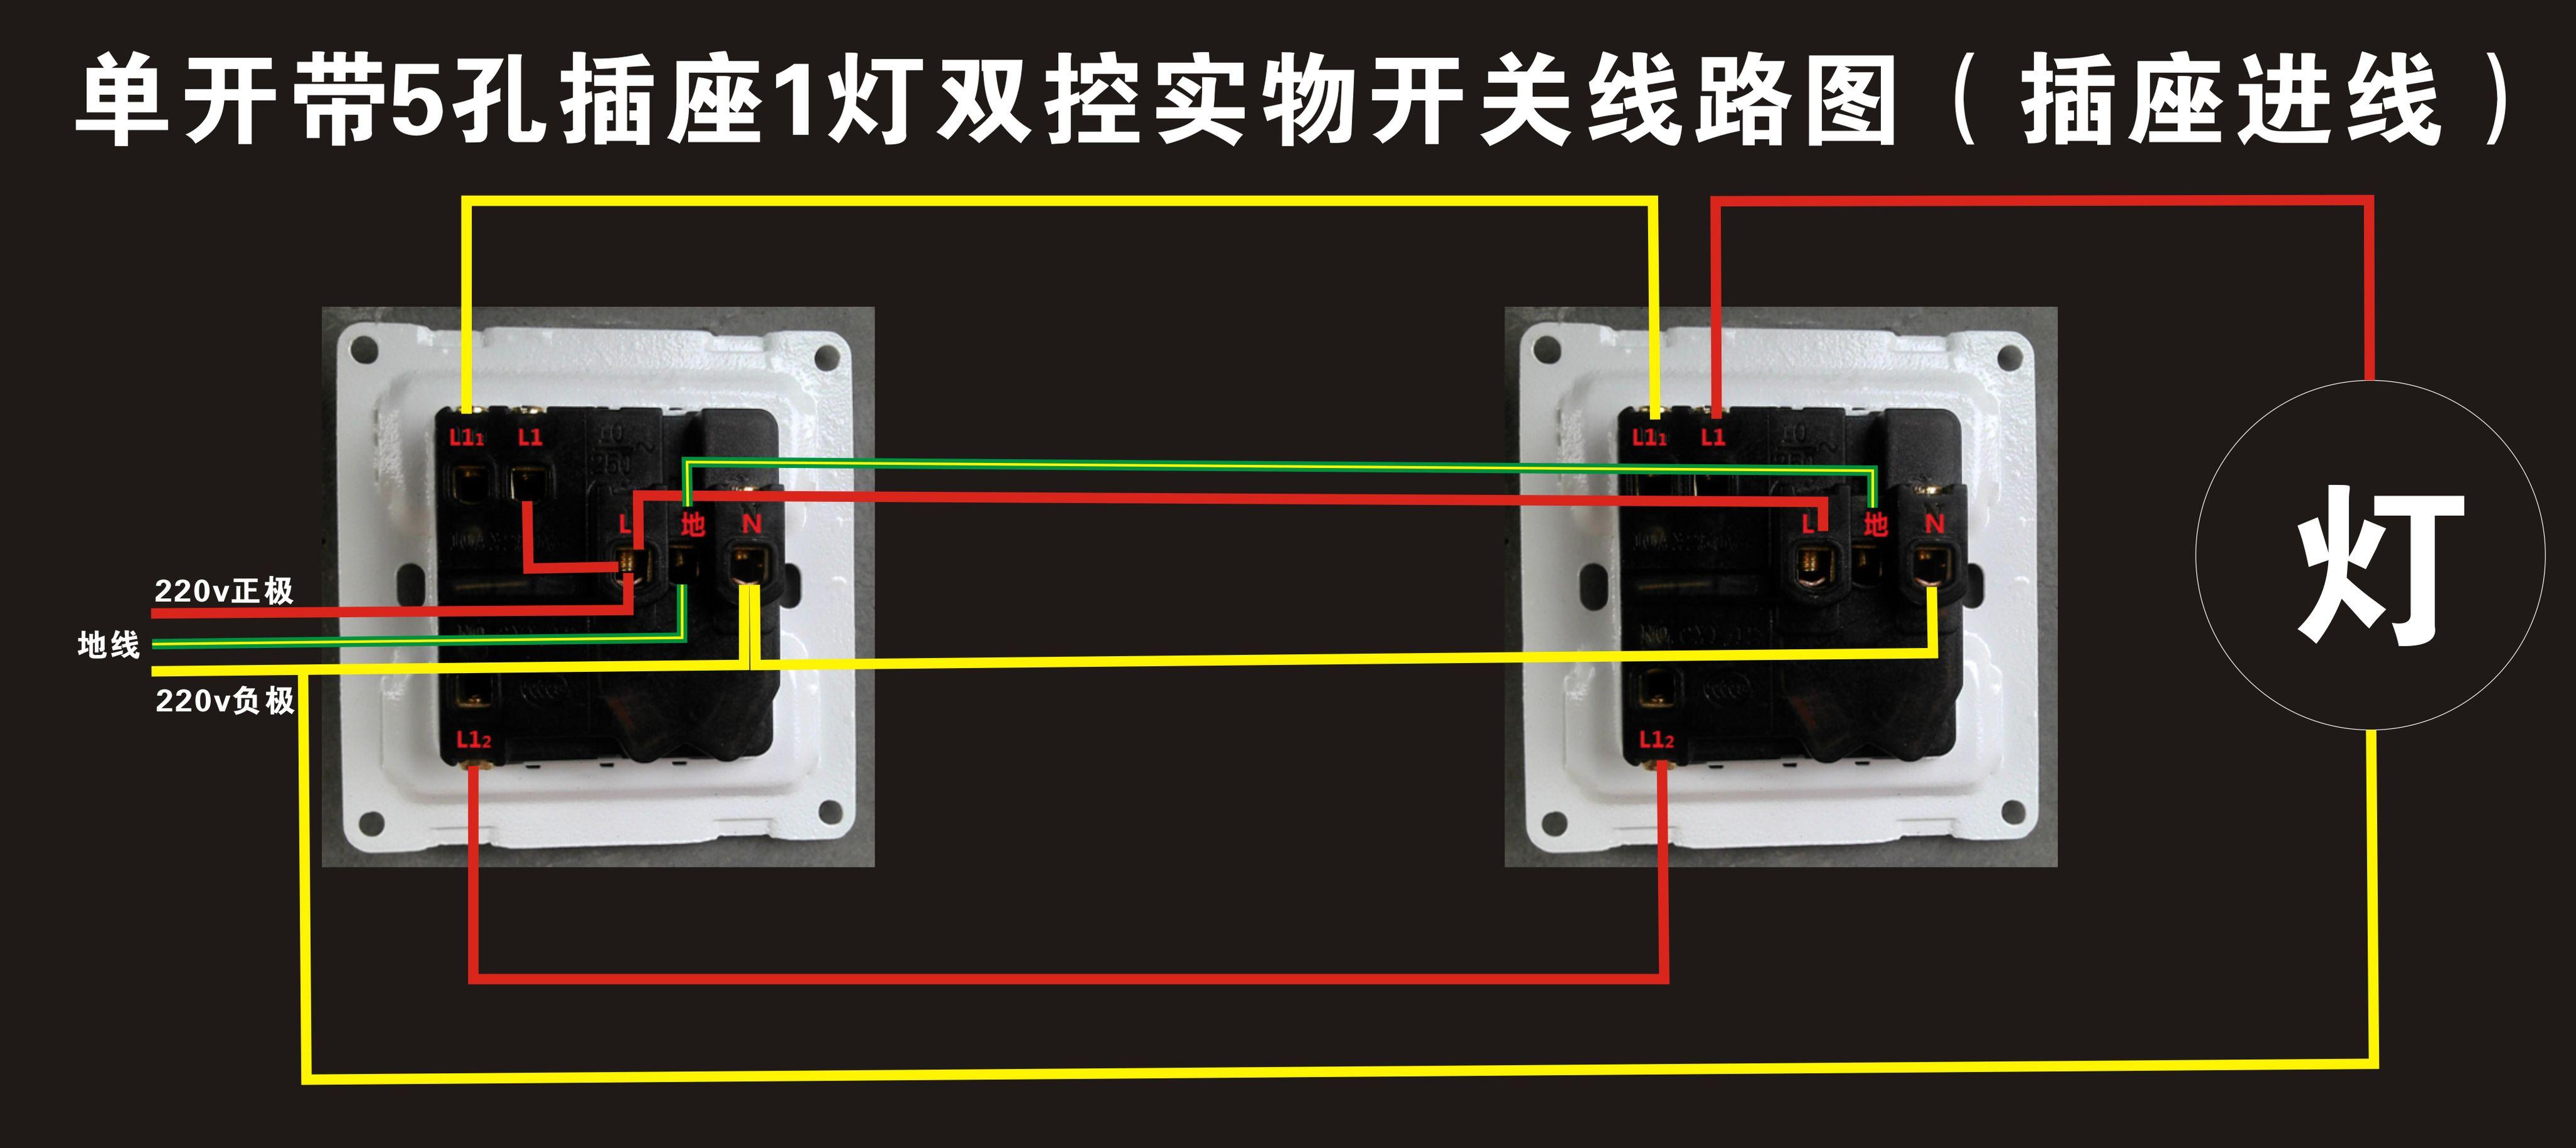 双控开关怎么安装的,需要有实物图的